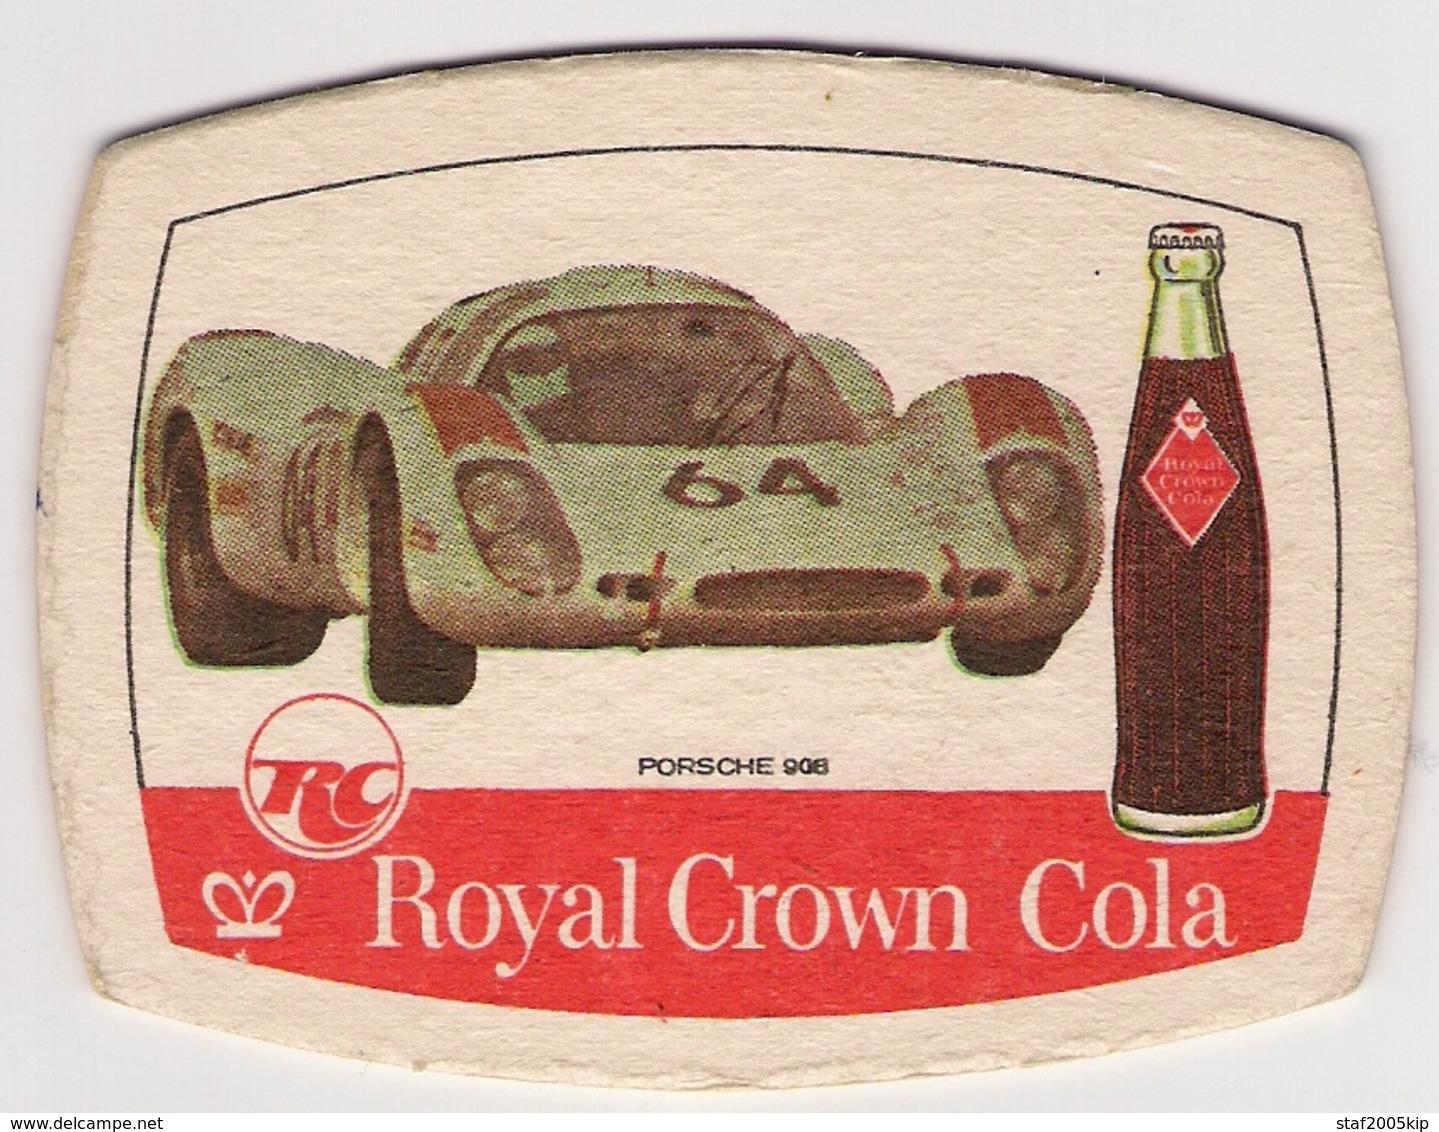 Bierviltjes - Royal Crown Cola - Porsche 908 - Sous-bocks